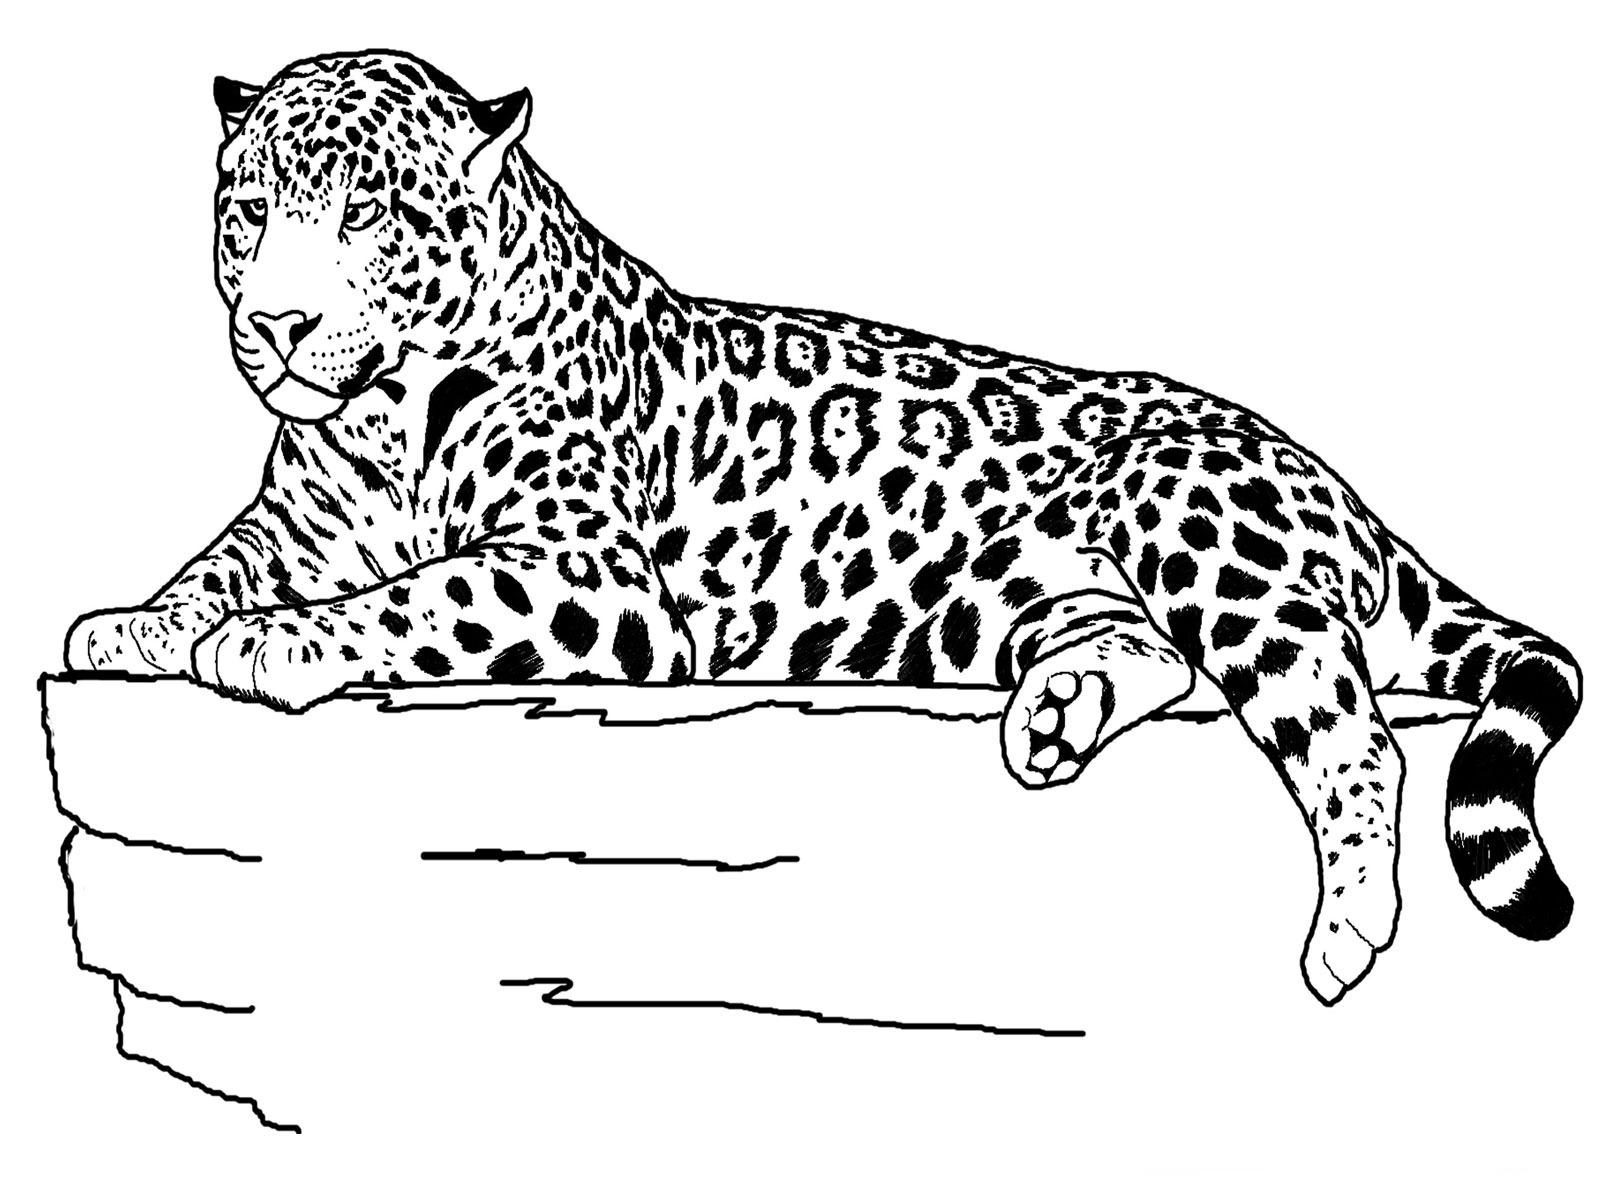 cheetah colouring page cheetah coloring page free printable coloring pages cheetah colouring page